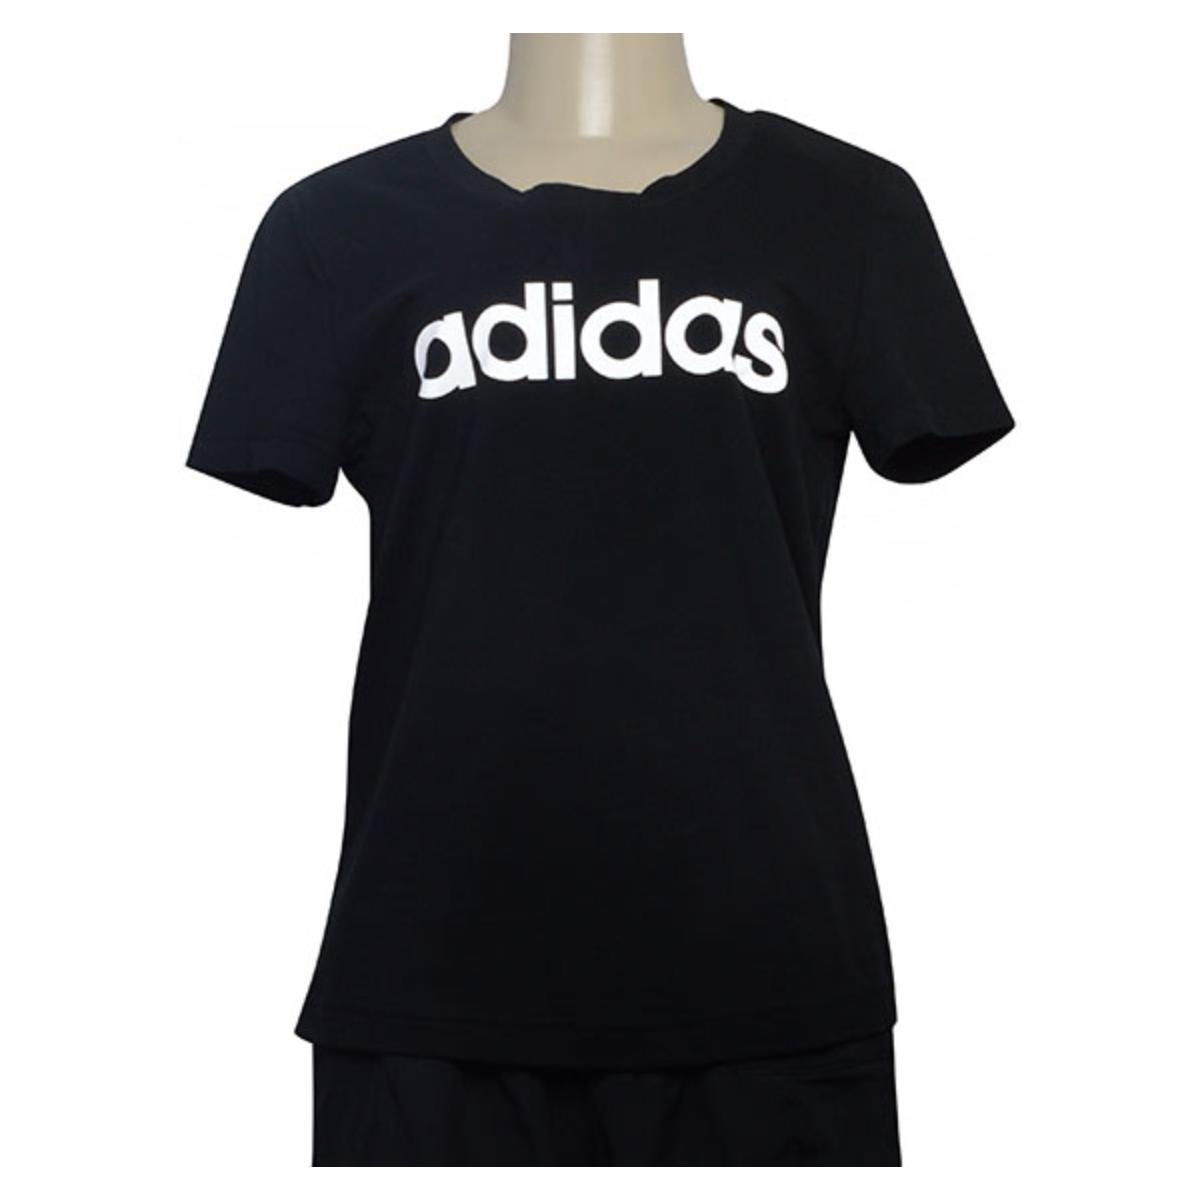 T-shirt Feminino Adidas Dp2361 Preto/branco